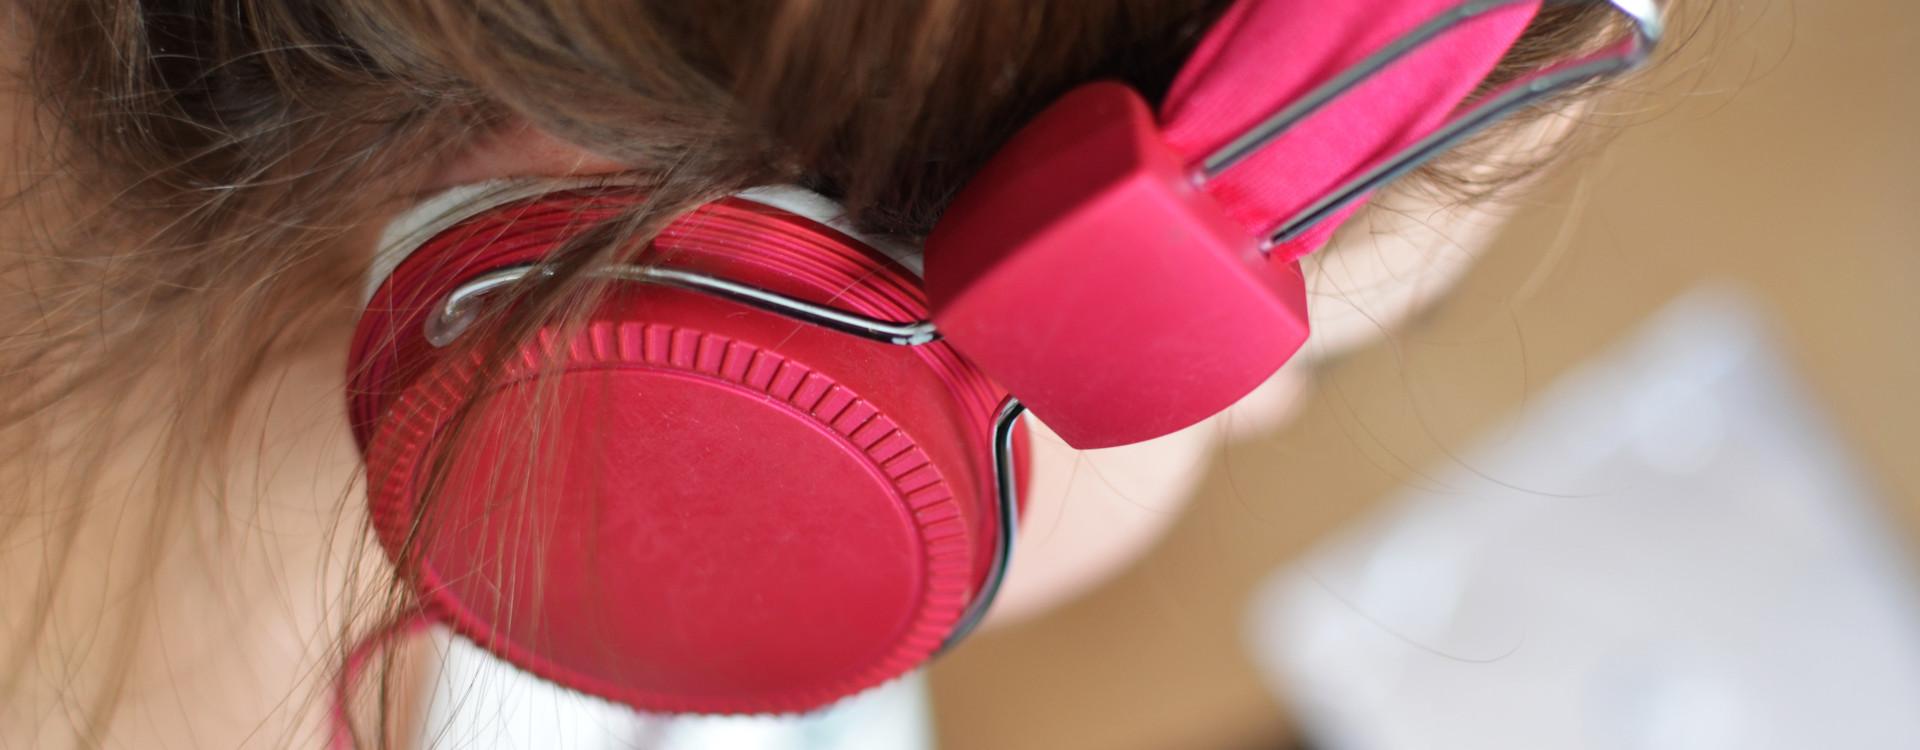 Titelbild Kopfhörer